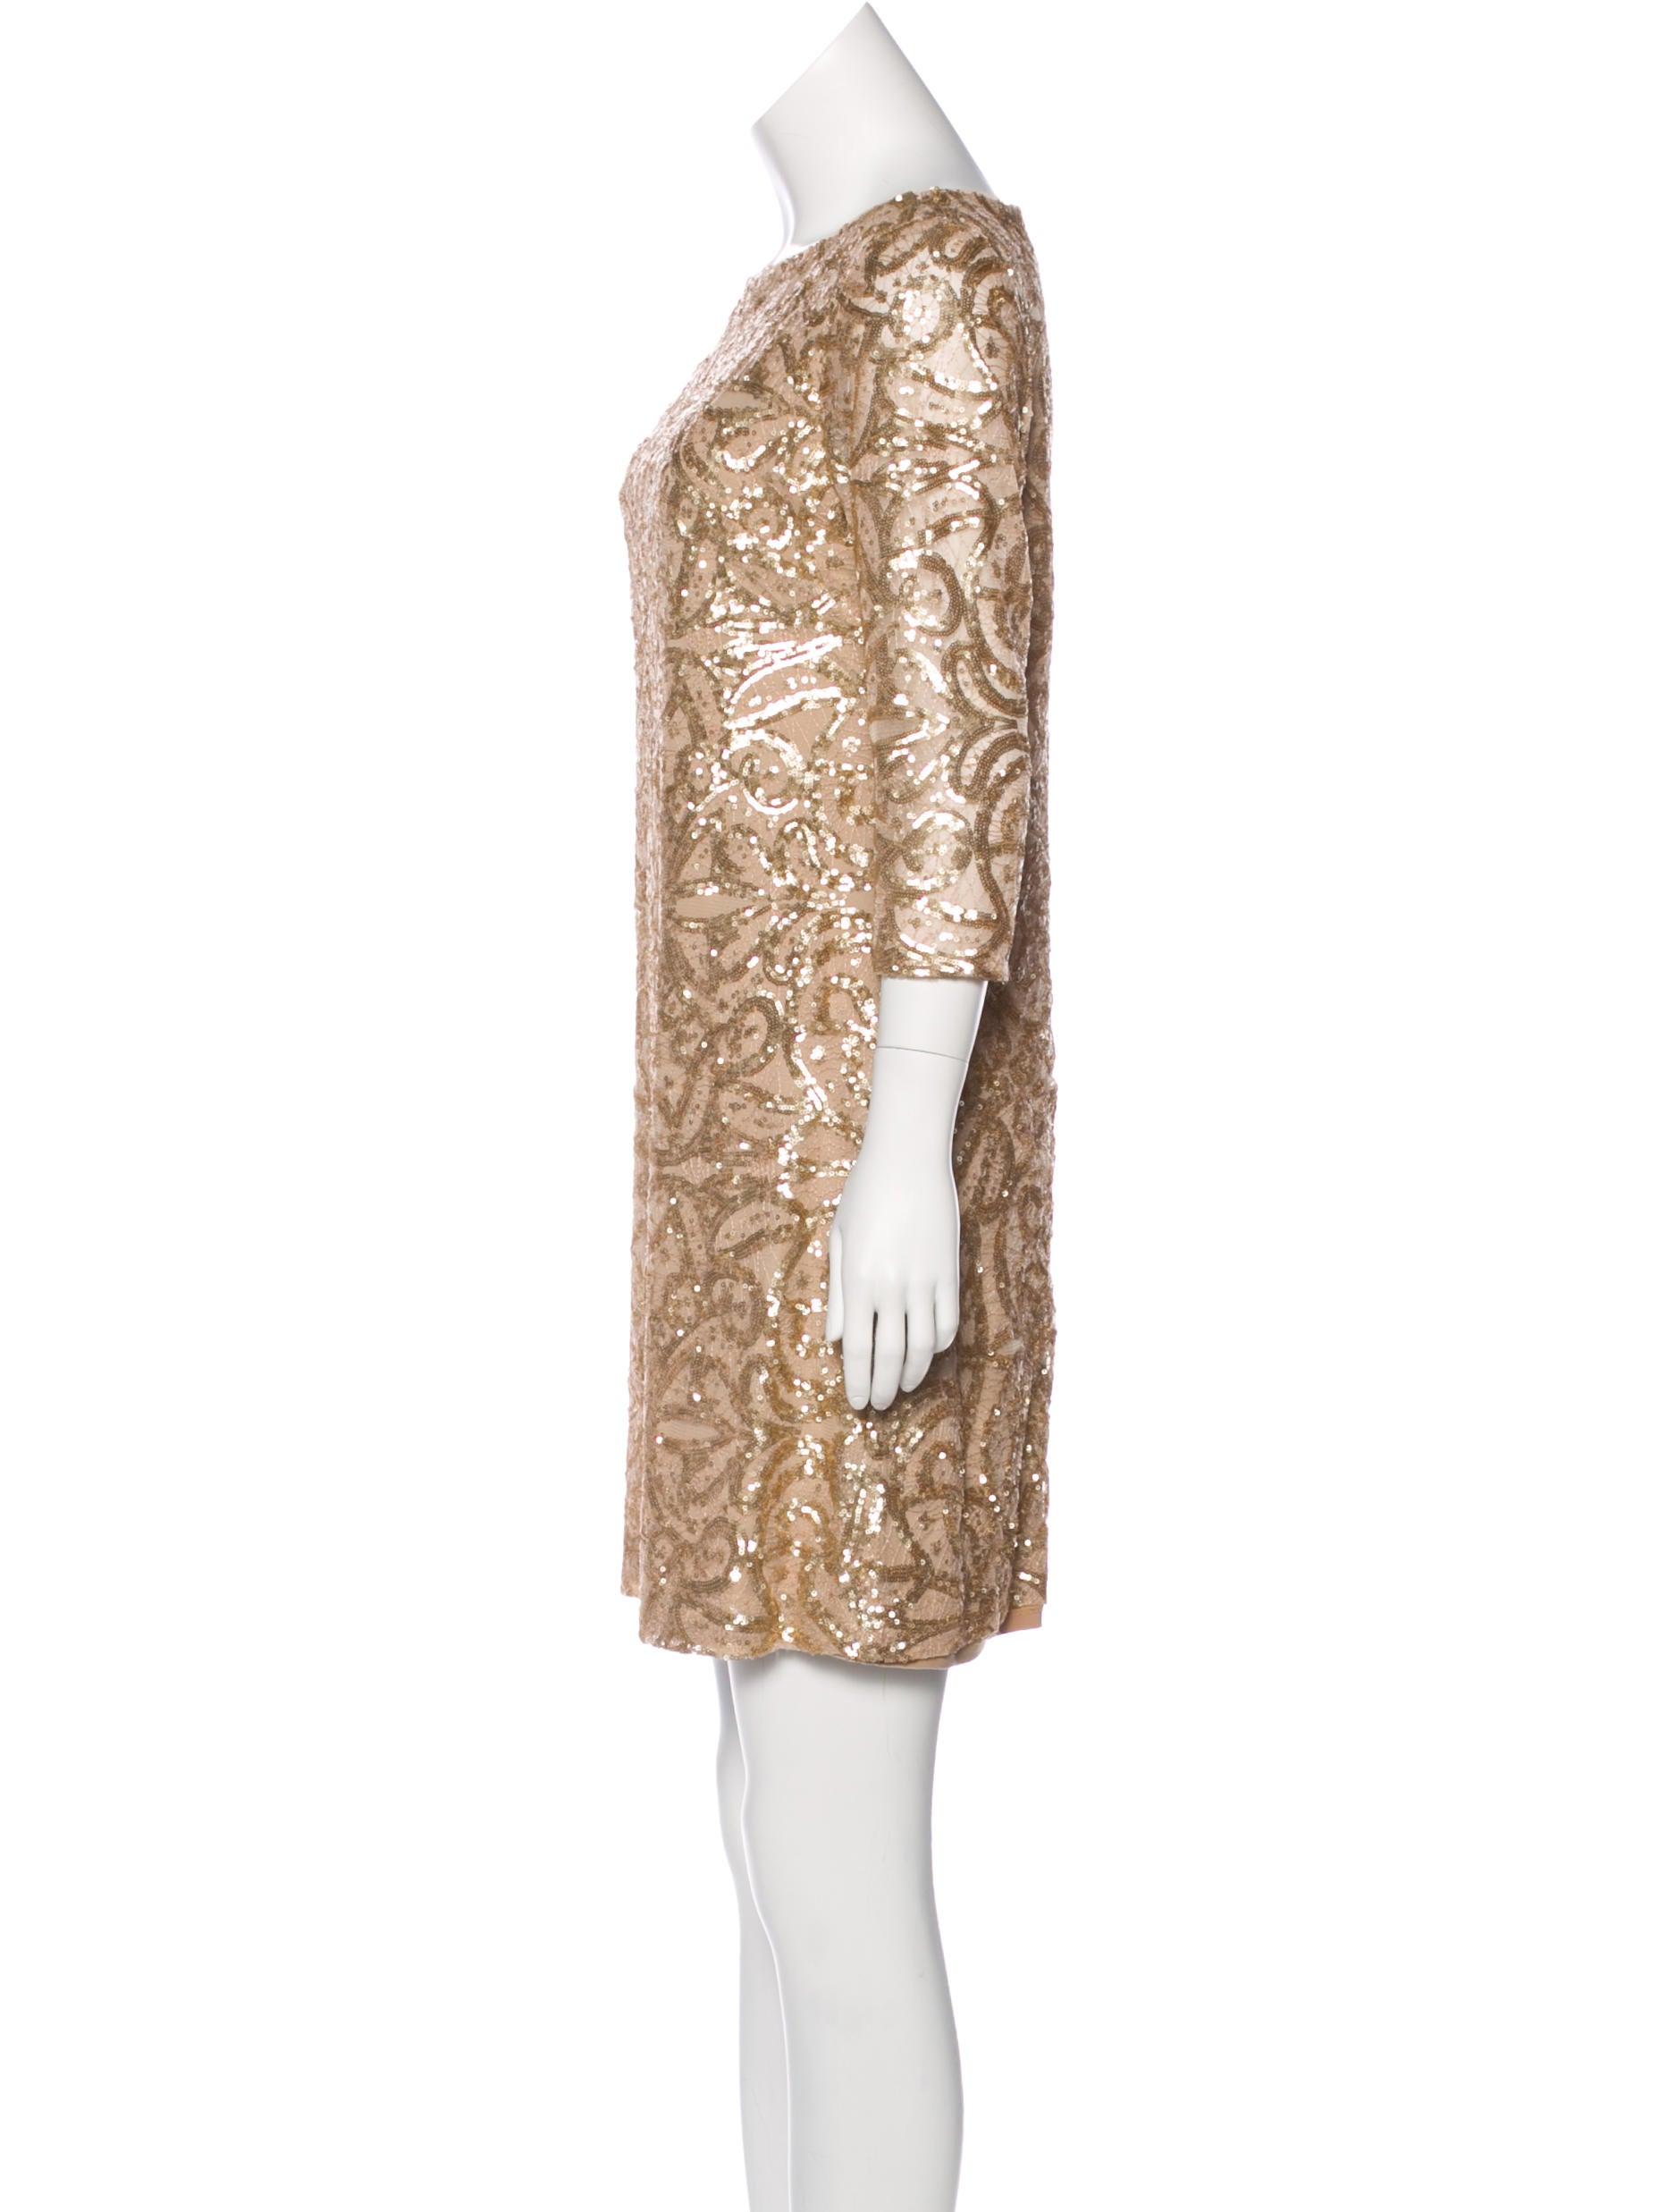 Lauren Ralph Lauren Sequined Mini Dress - Clothing - WLRLN20771 ...